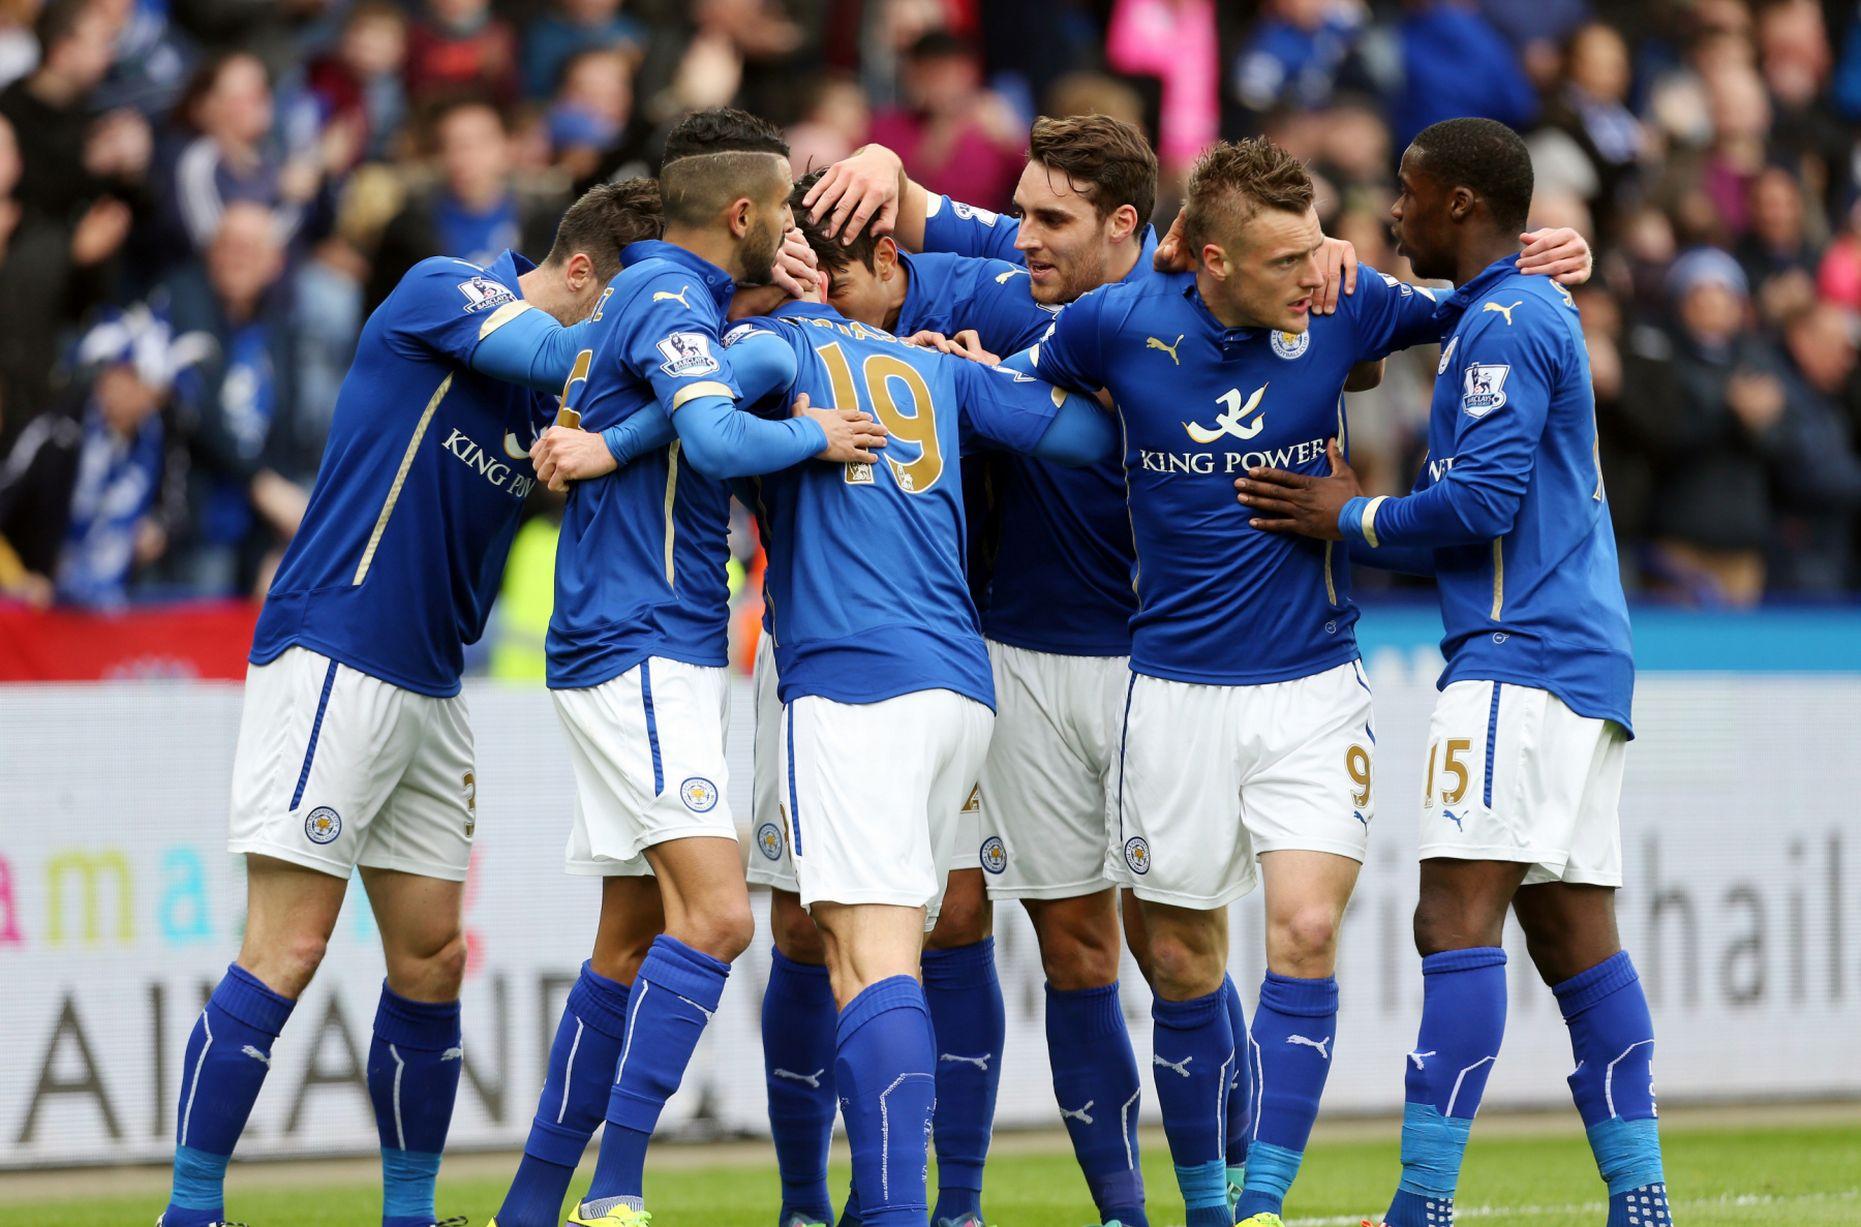 El sorprendente Leicester City liderada la Premier League | © Mirror